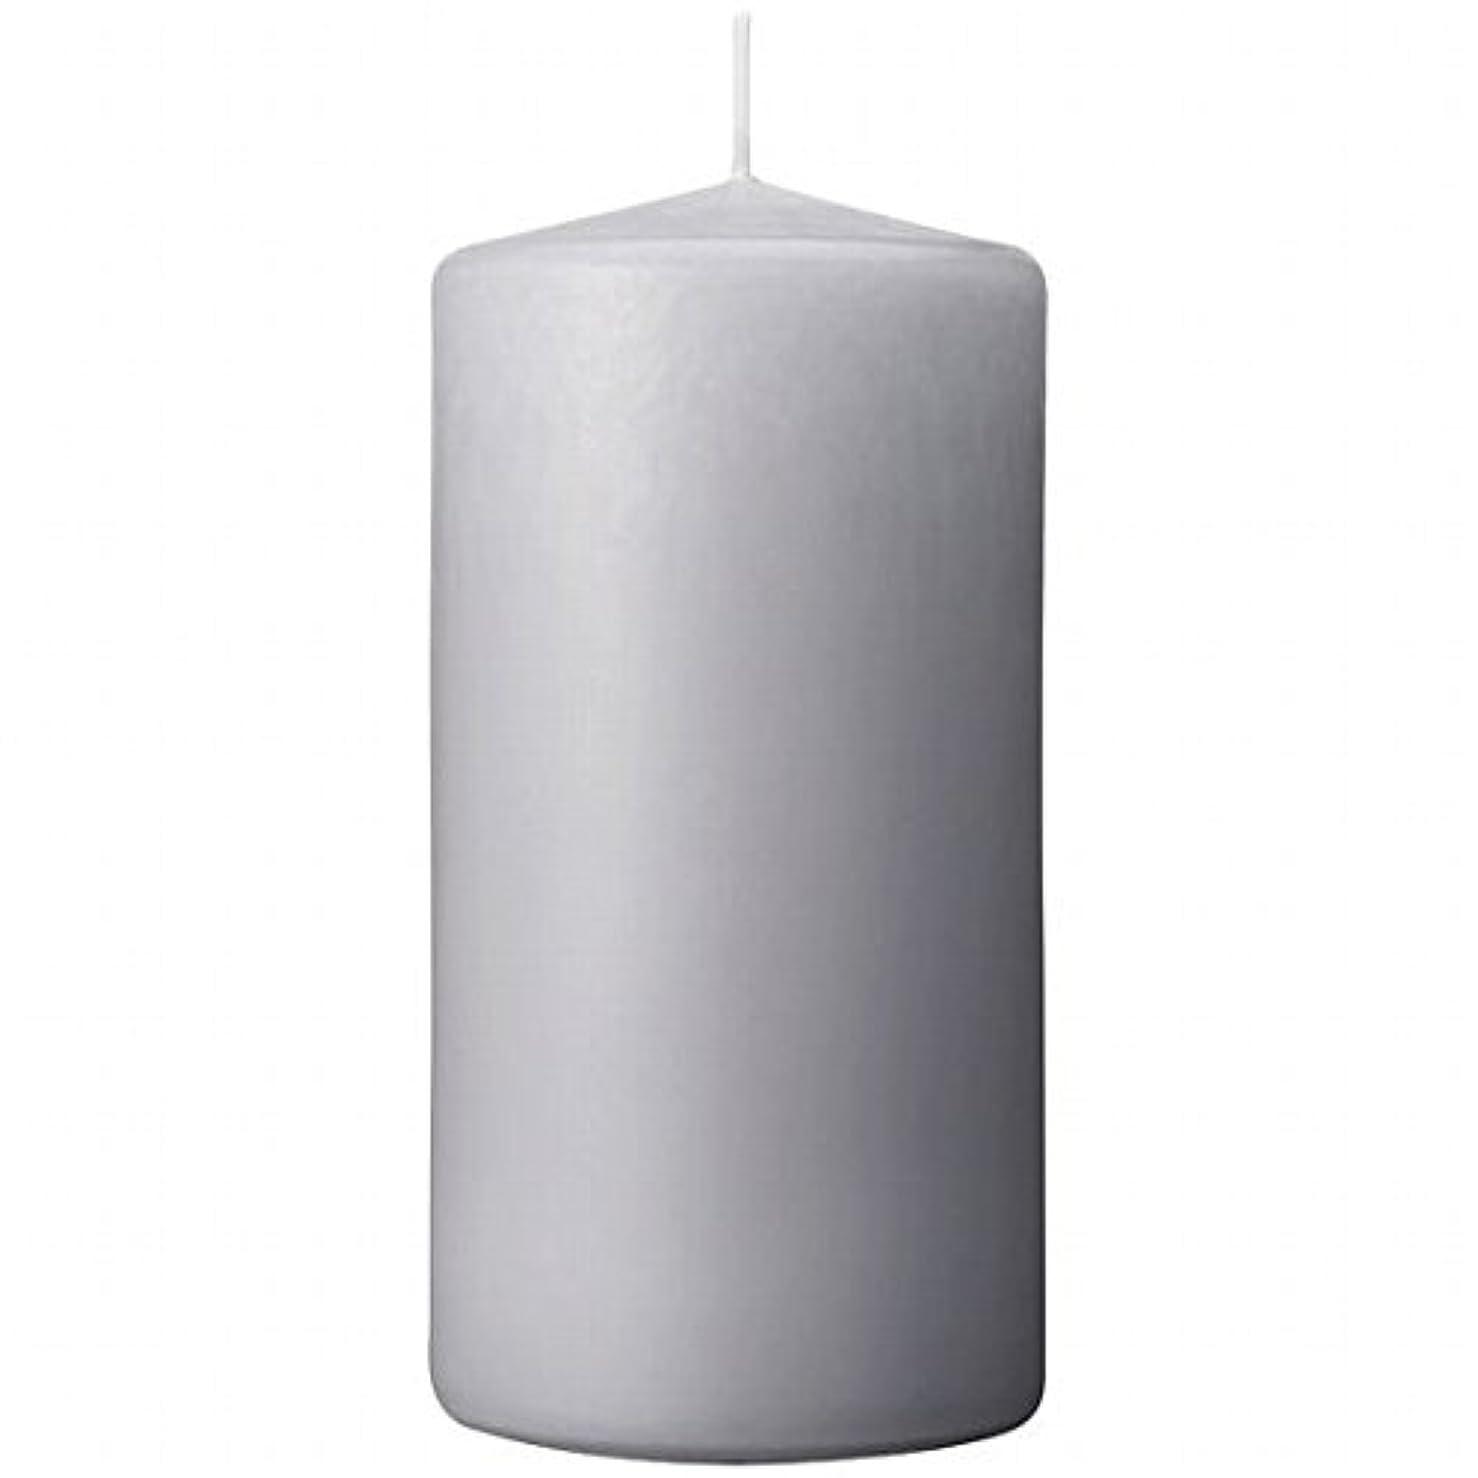 フリル虚偽小屋カメヤマキャンドル(kameyama candle) 3×6ベルトップピラーキャンドル 「 ライトグレー 」